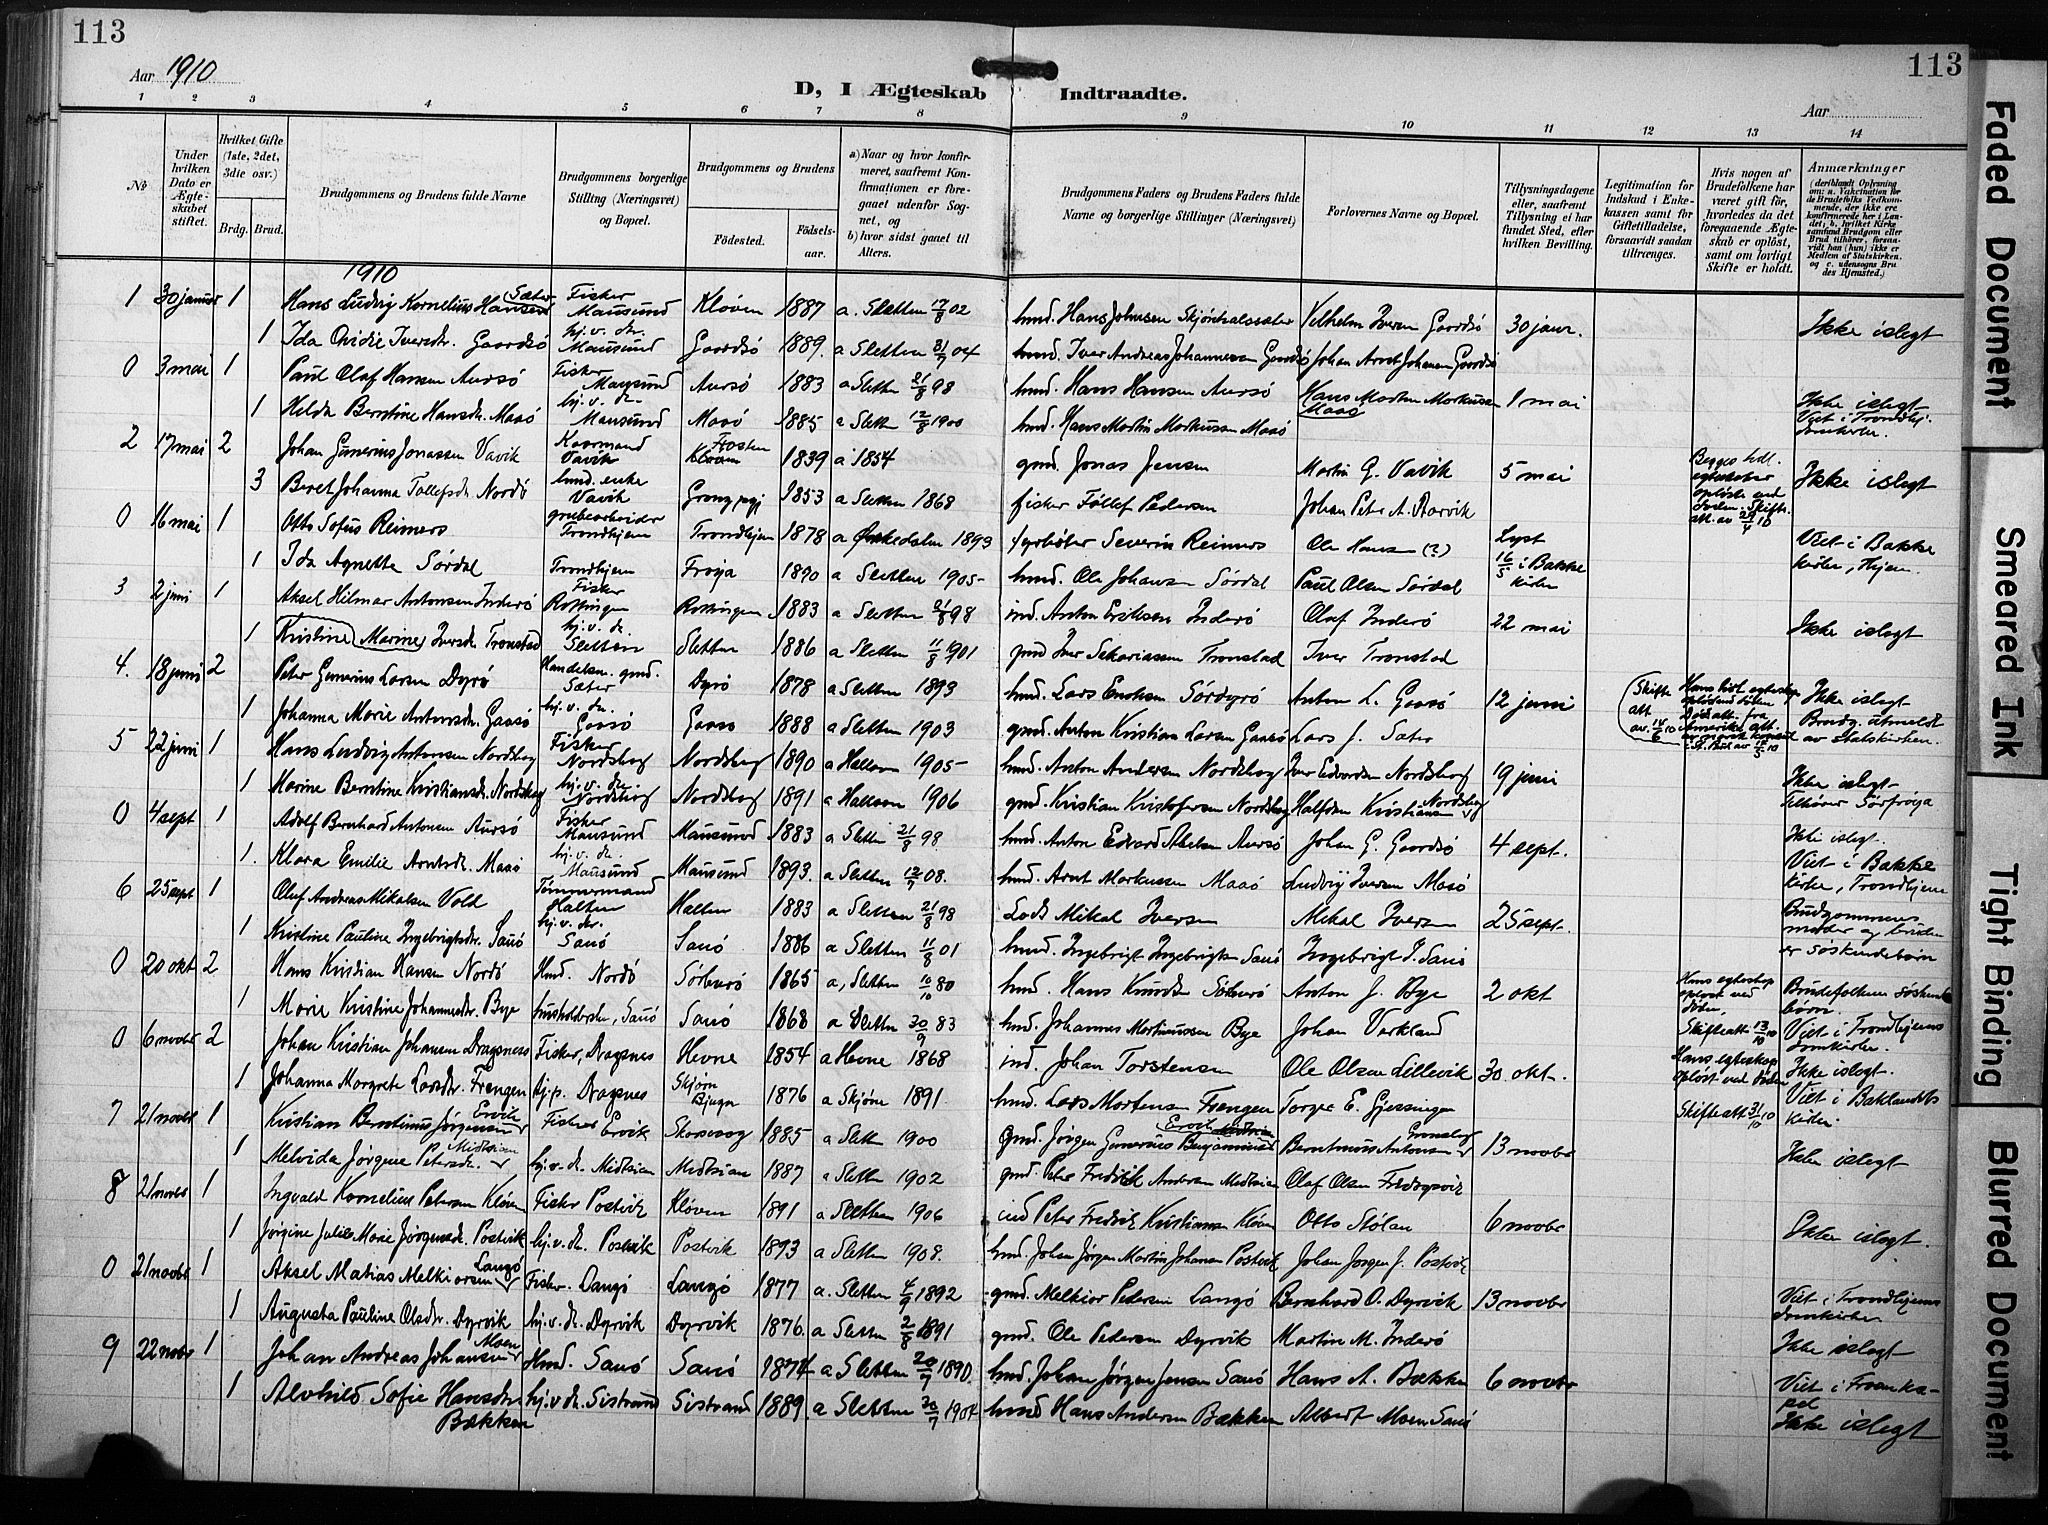 SAT, Ministerialprotokoller, klokkerbøker og fødselsregistre - Sør-Trøndelag, 640/L0580: Ministerialbok nr. 640A05, 1902-1910, s. 113